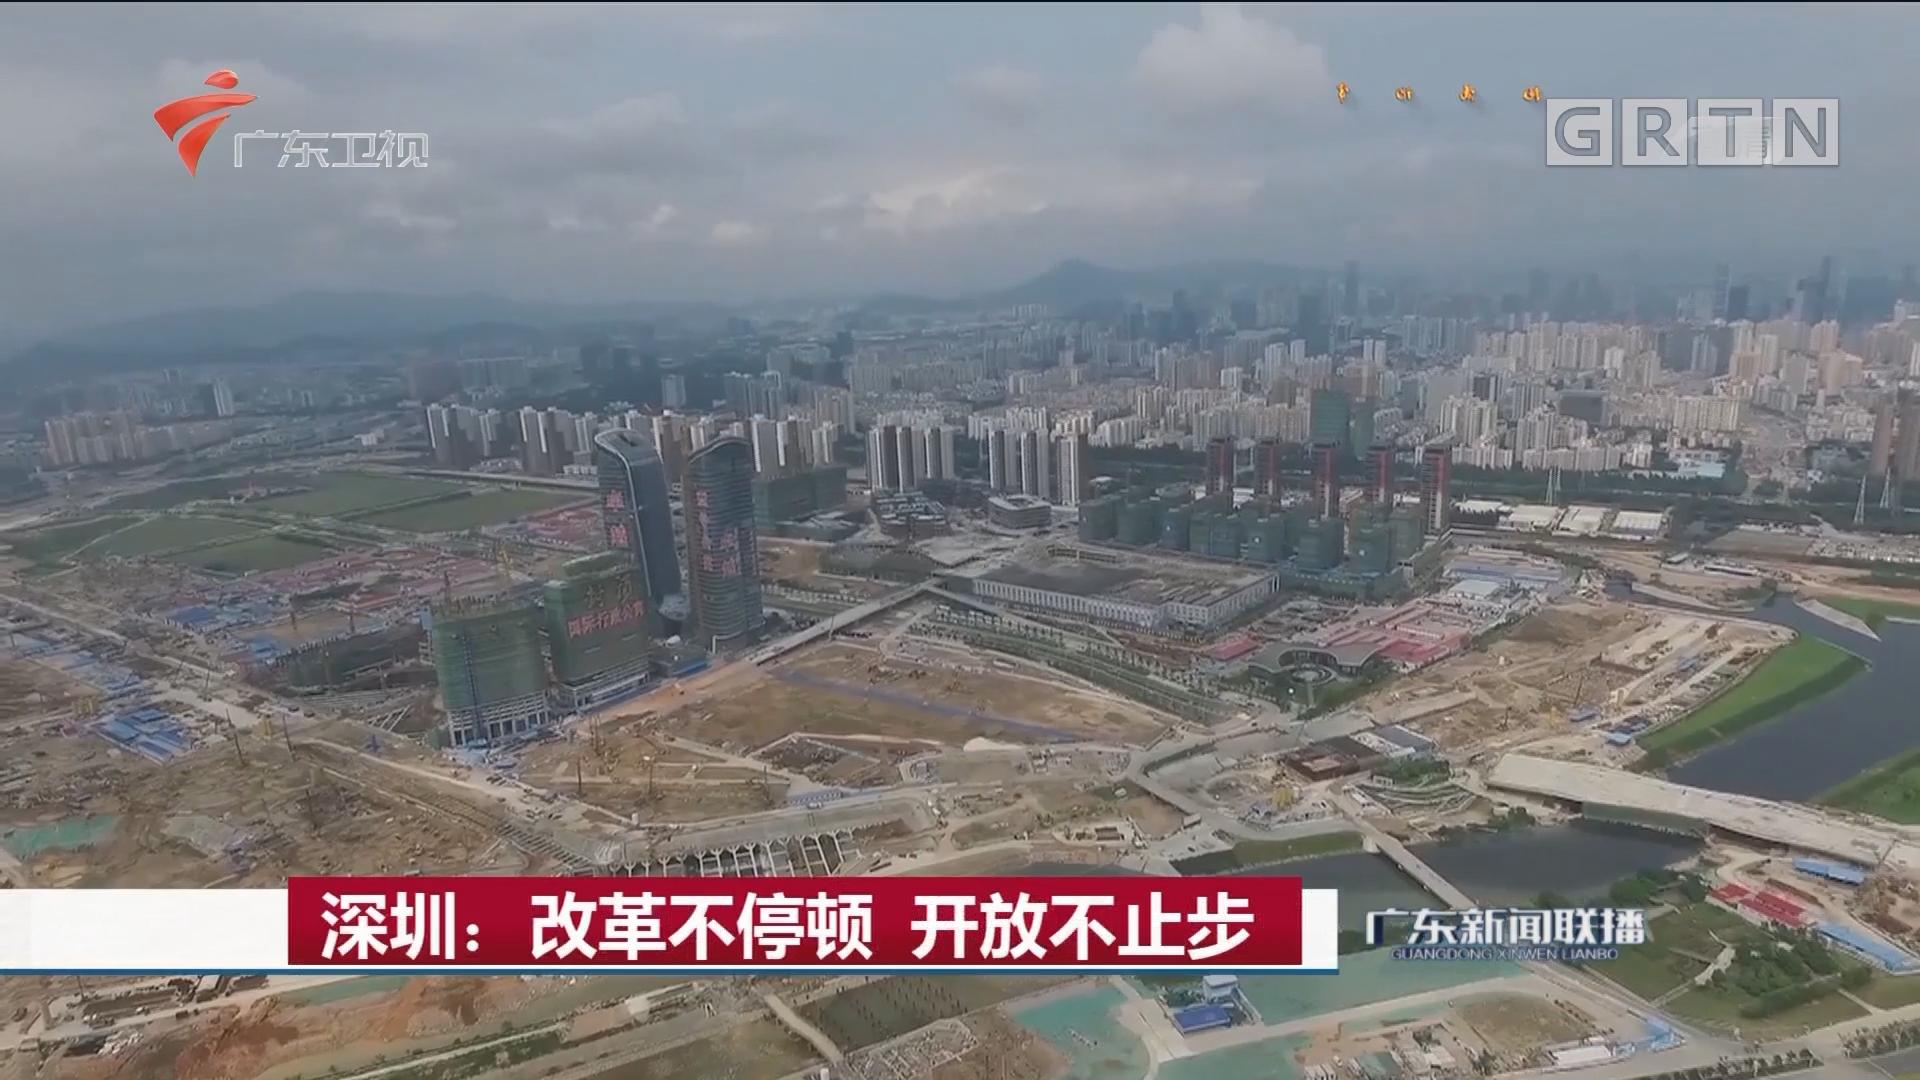 深圳:改革不停顿 开放不止步